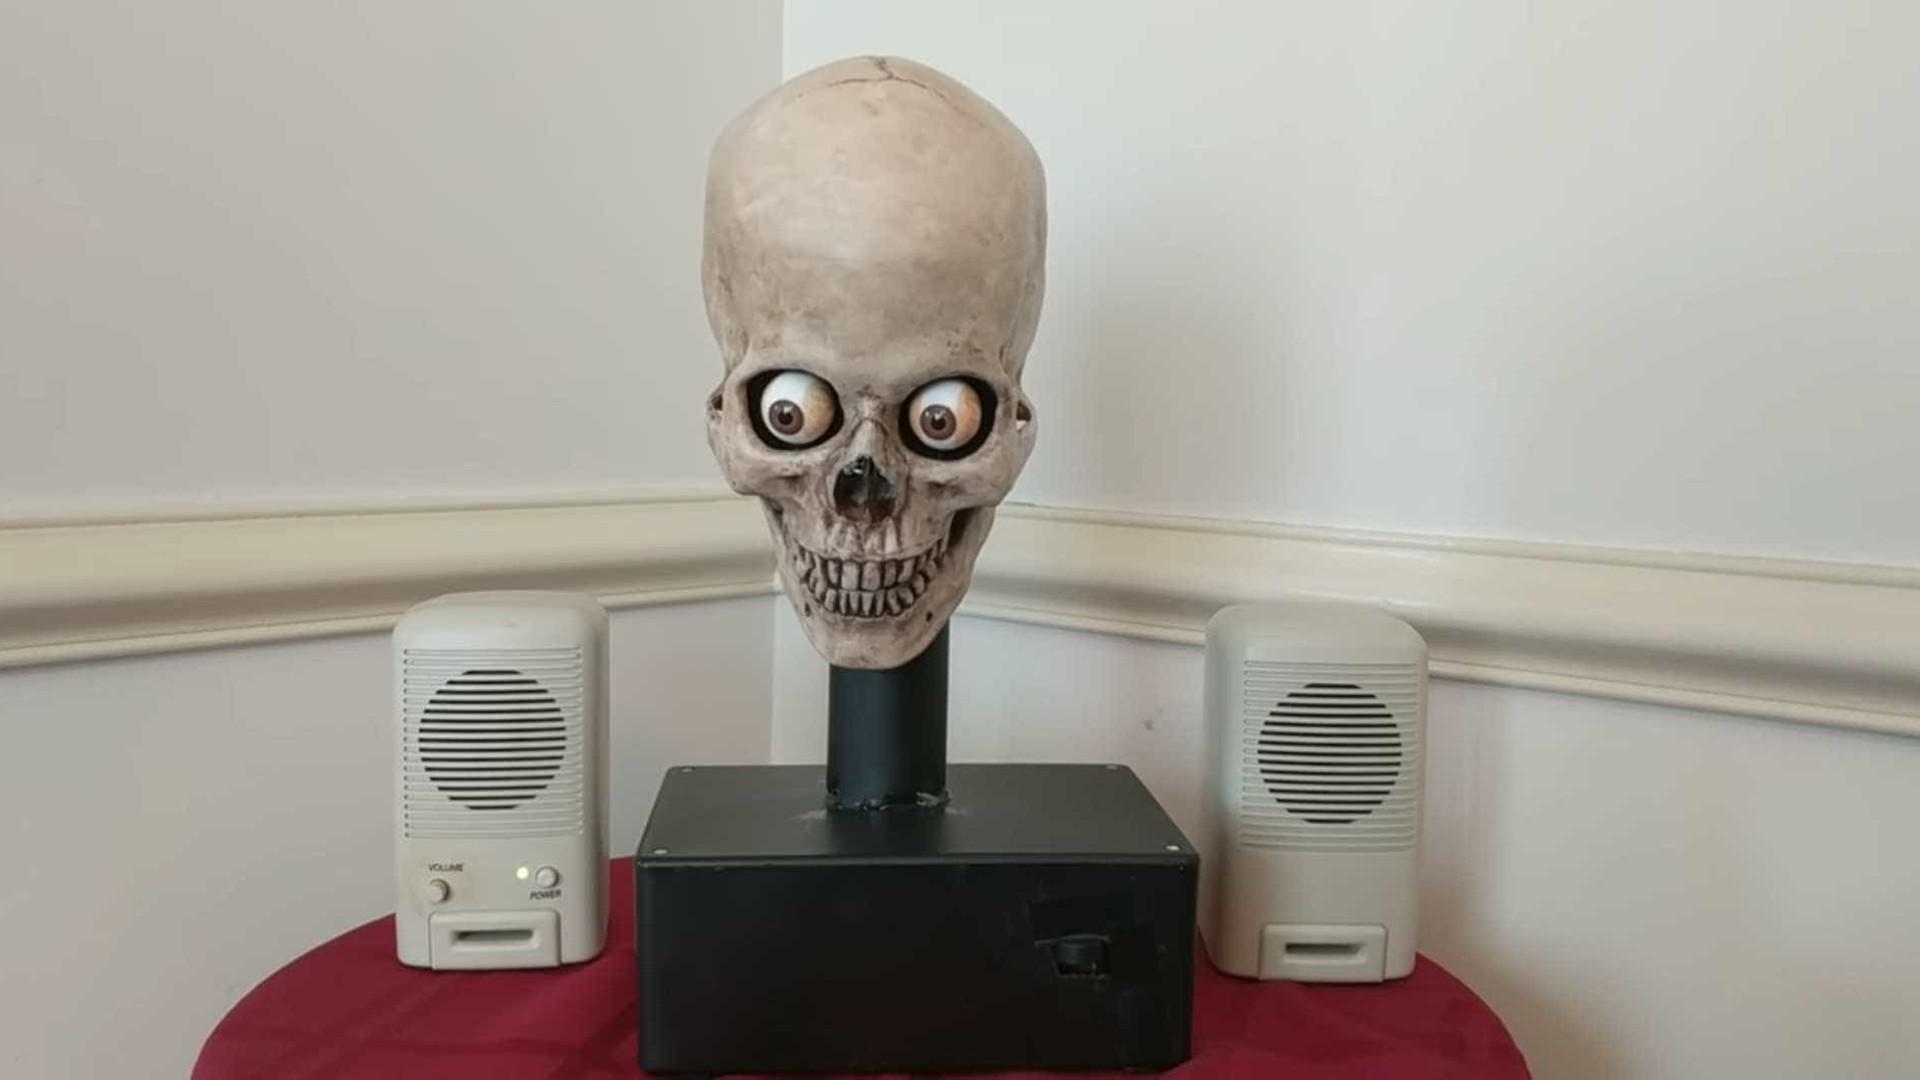 Conheça o Yorick, o assistante virtual mais assustador que pode ter